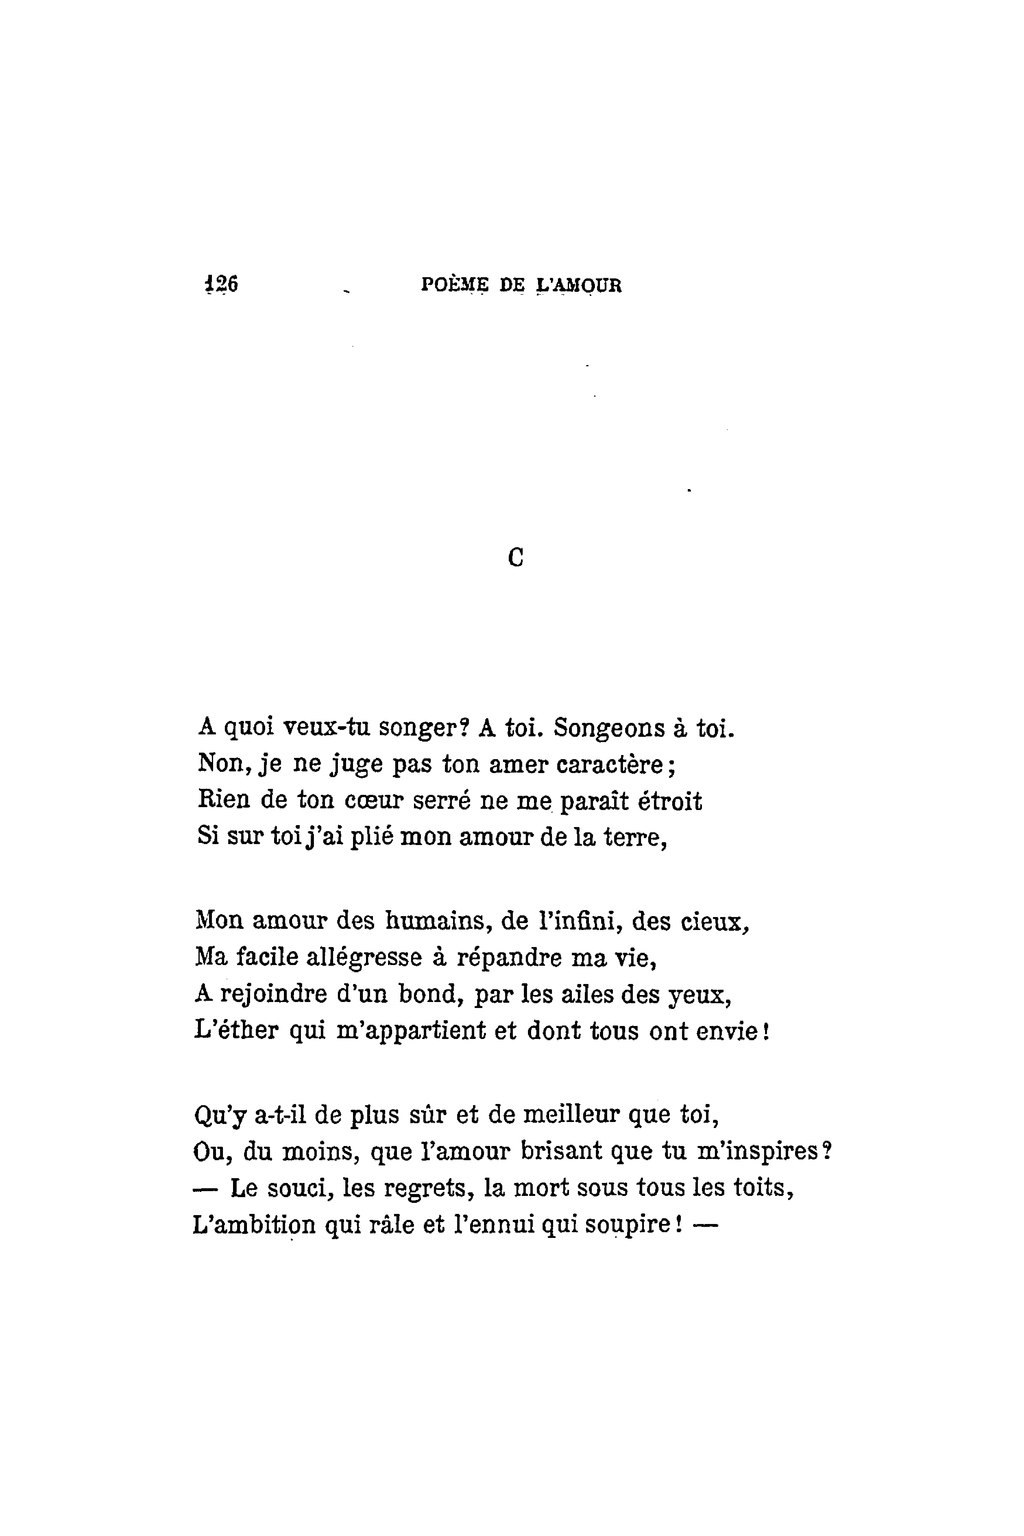 Pagenoailles Poème De Lamour 1924djvu124 Wikisource